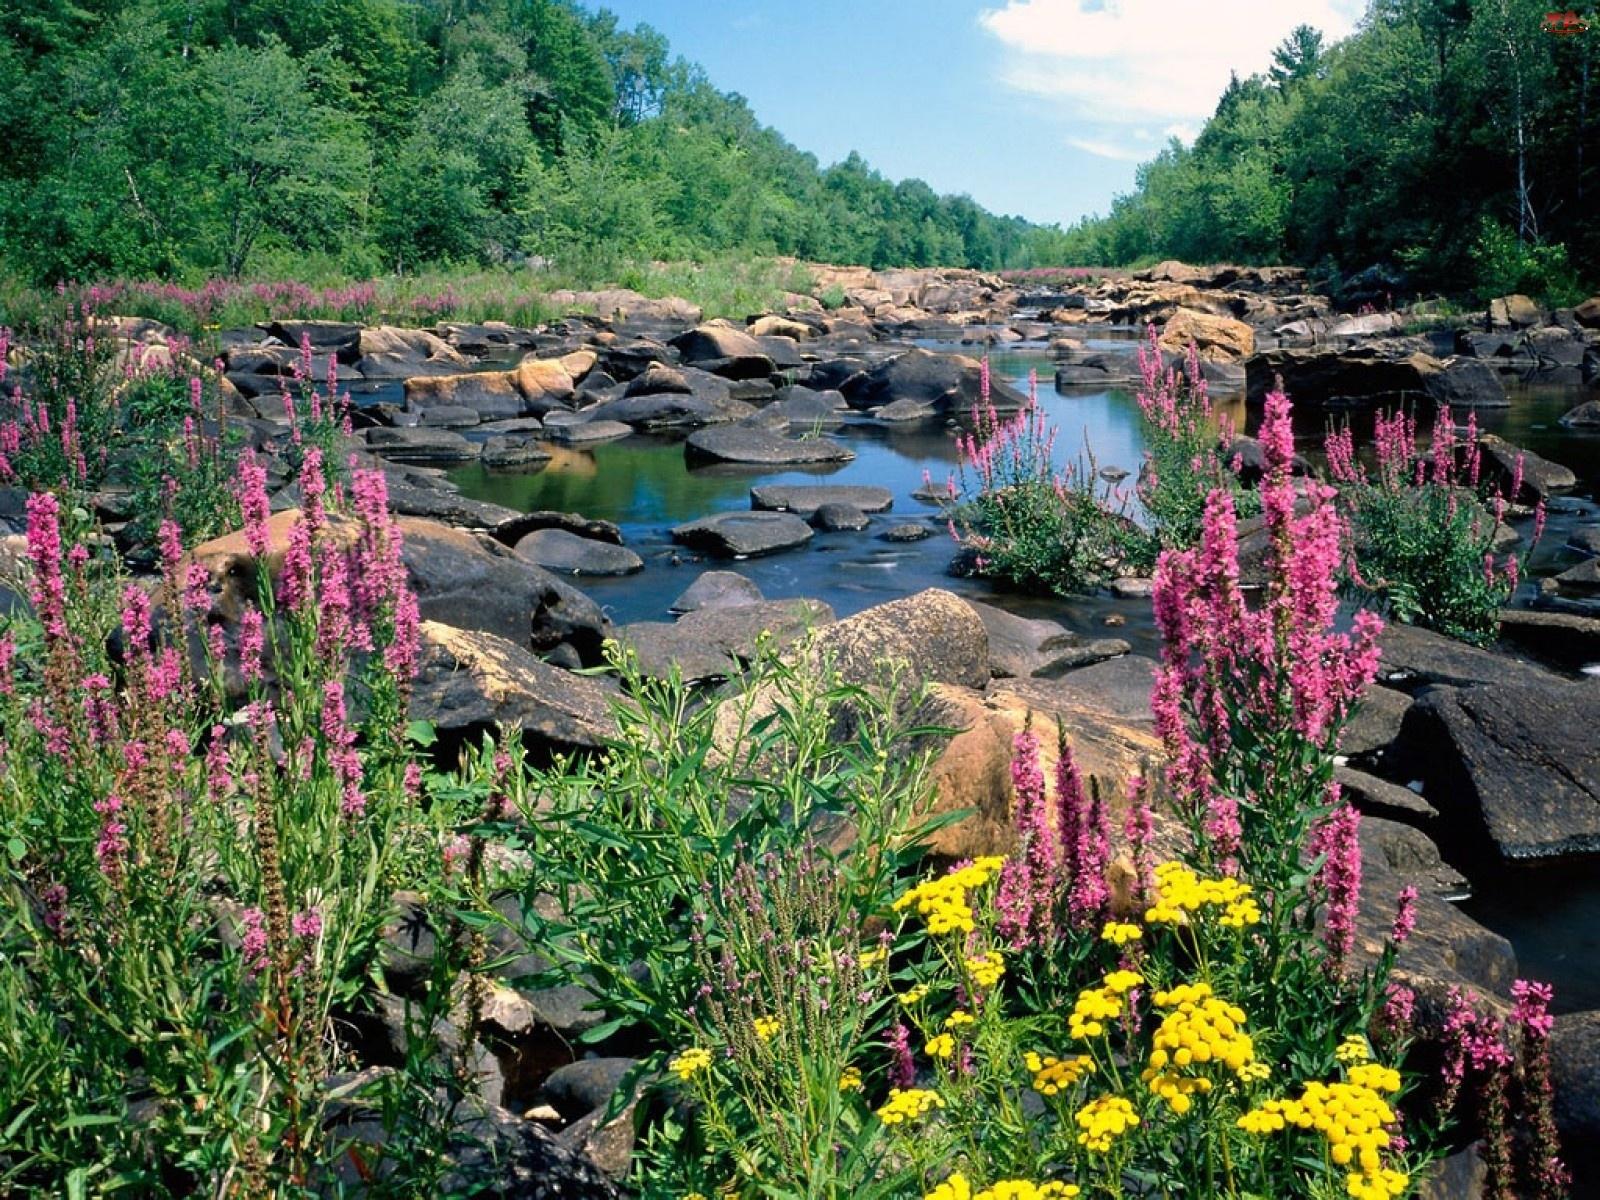 Rzeka, Lasy, Kamienie, Kwiatki